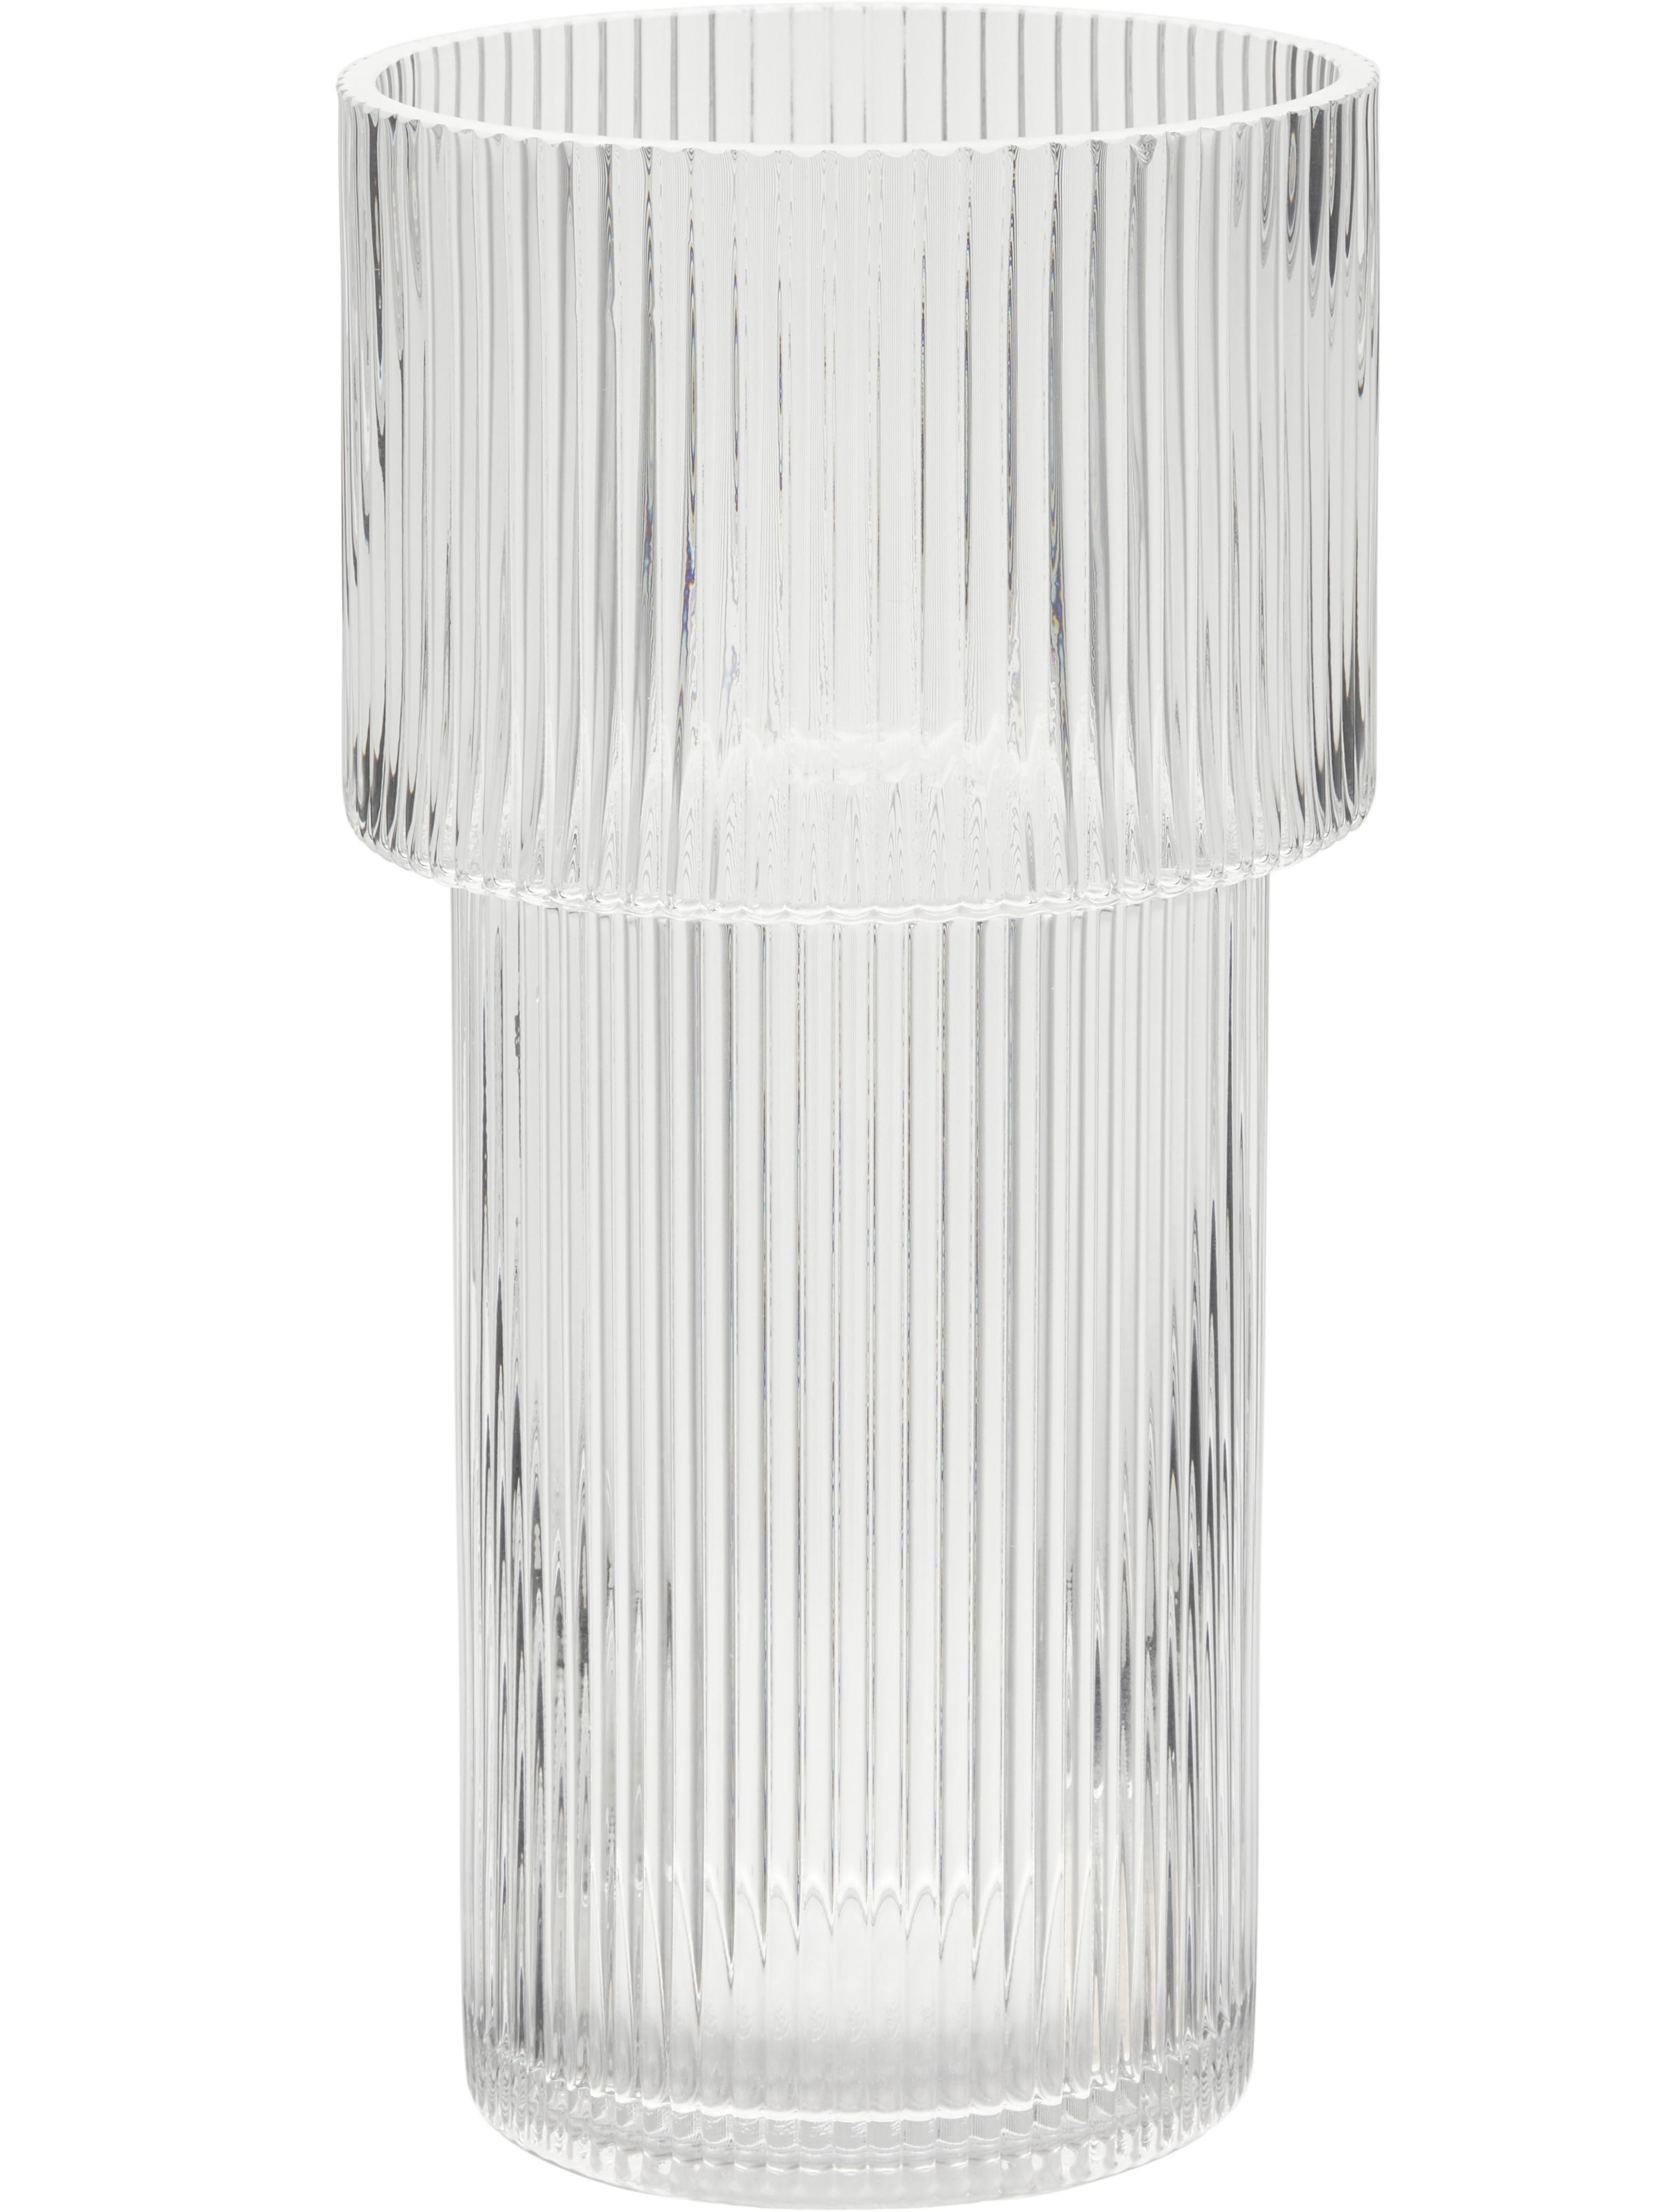 Vaas Lija, Glas, Grijs, transparant, Ø 14 x H 30 cm